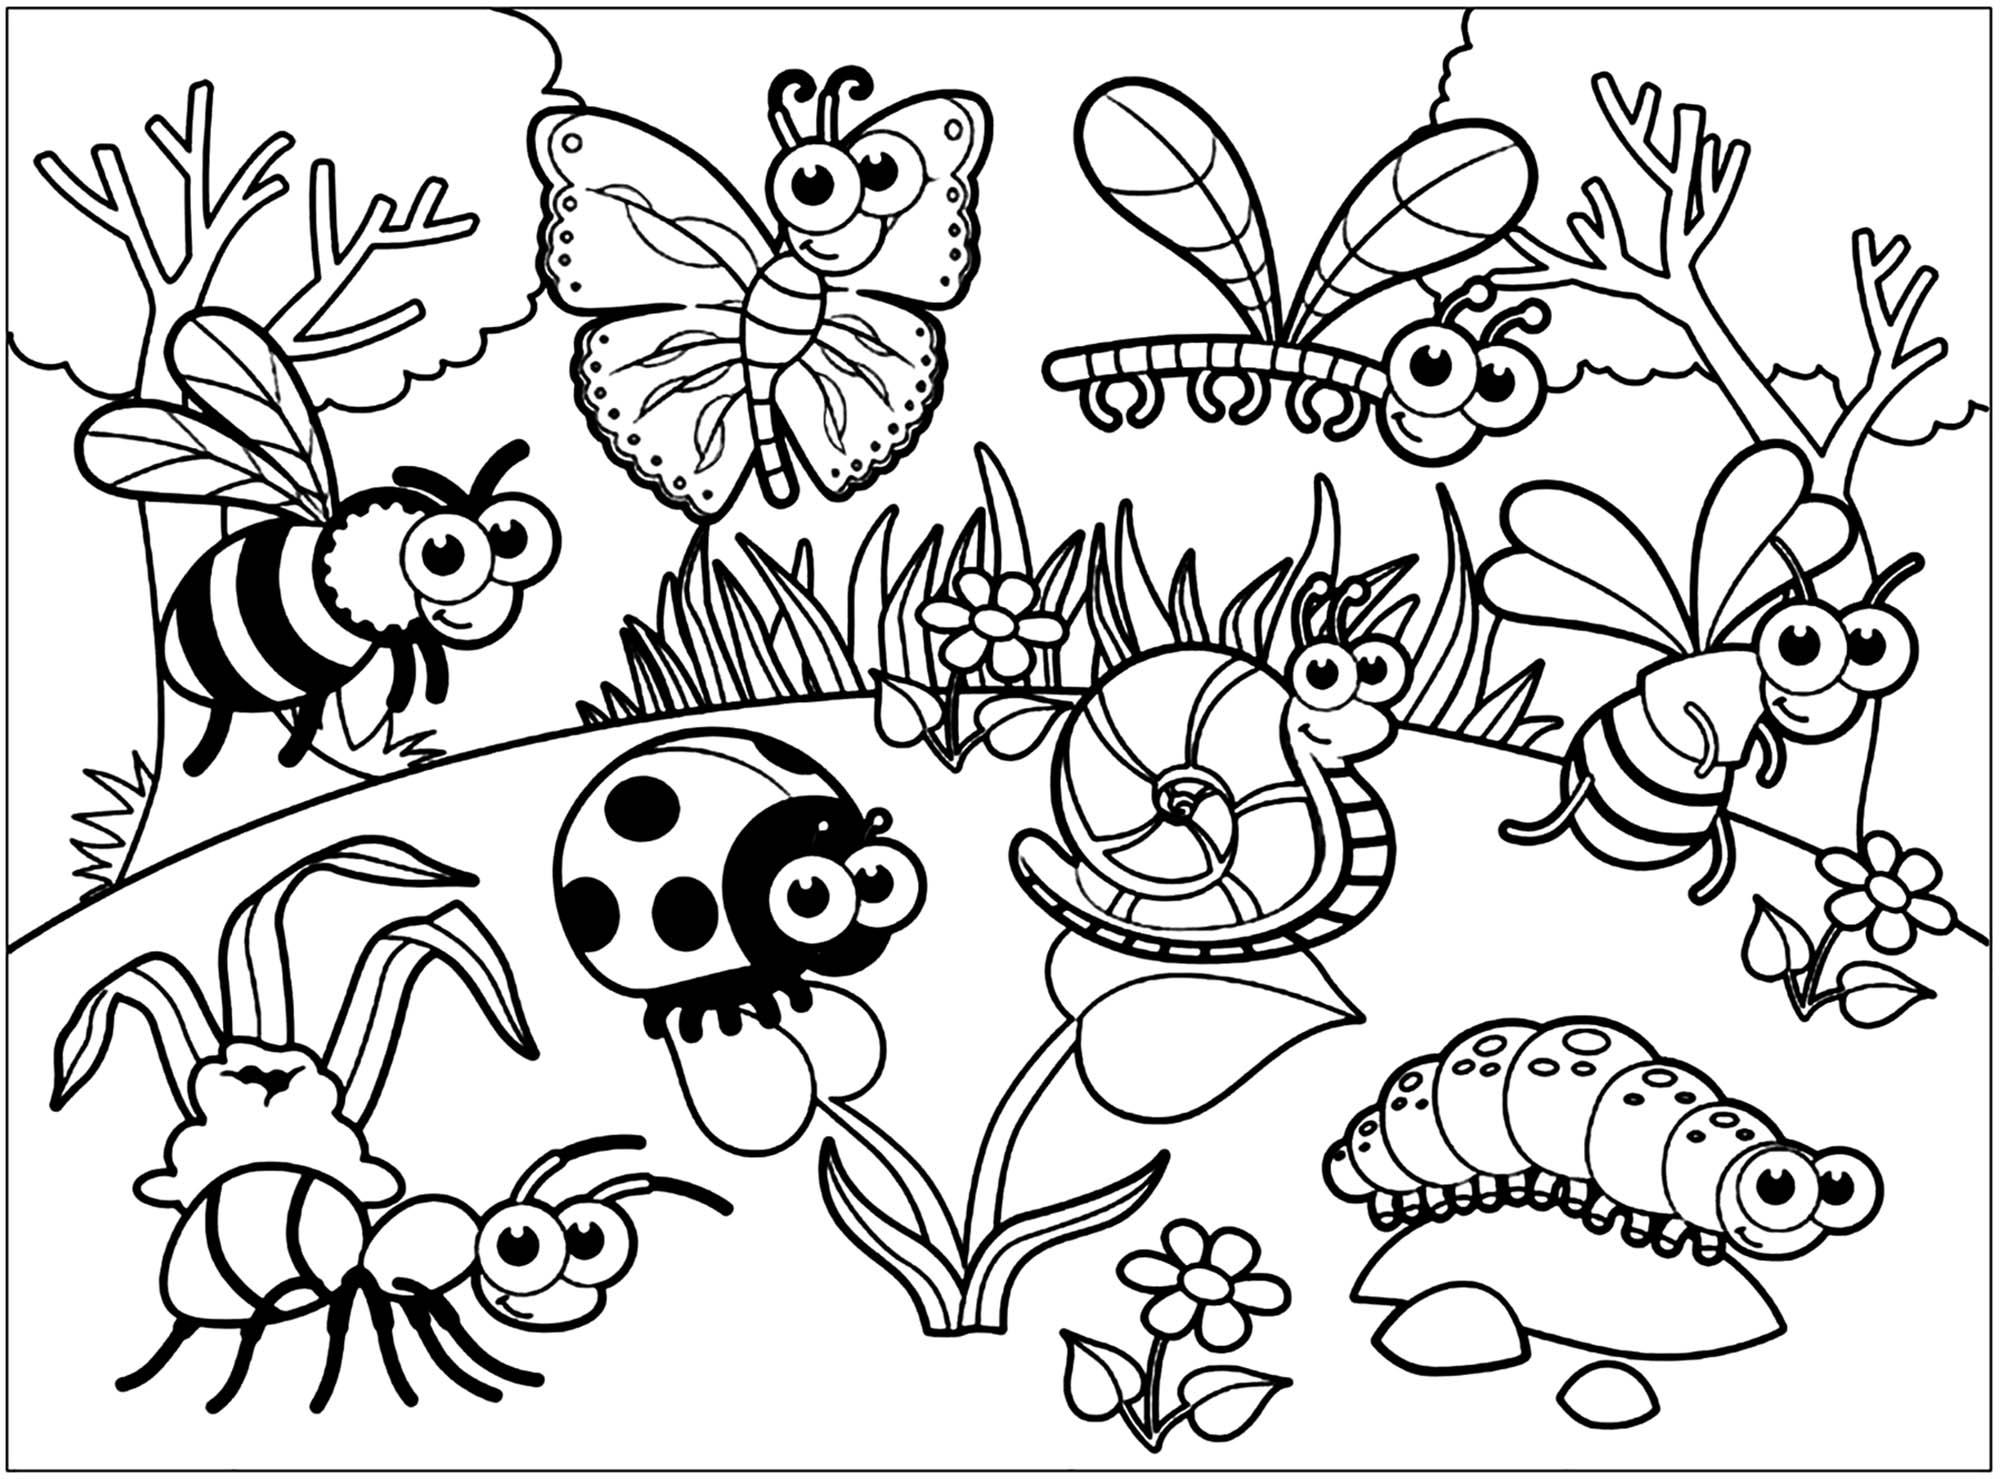 Colorear para Adultos : Mariposas e insectos - 3